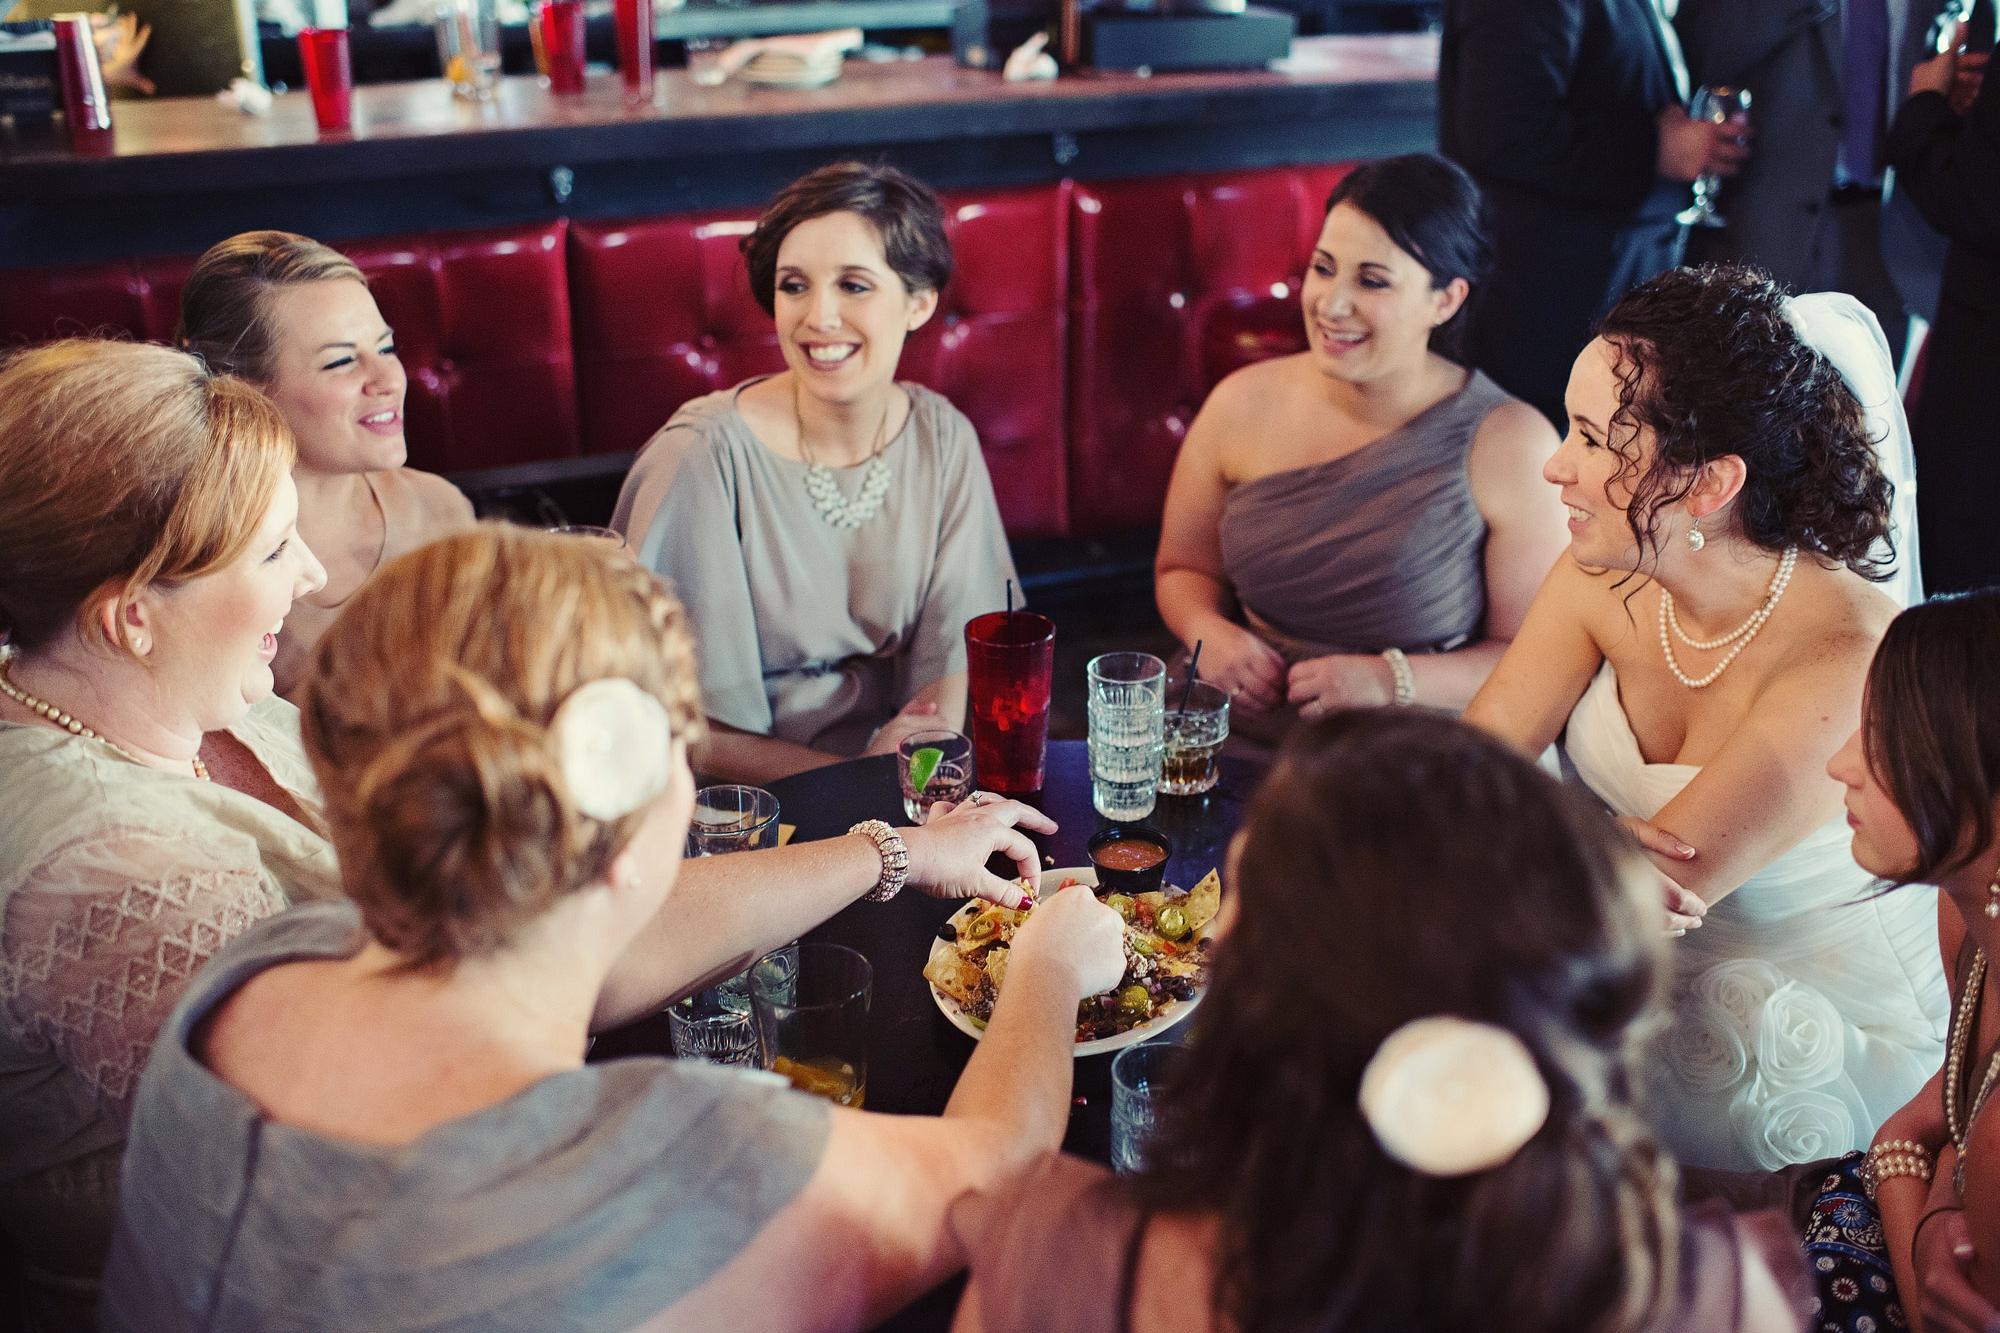 15-Barcadia-dallas-wedding-party.JPG